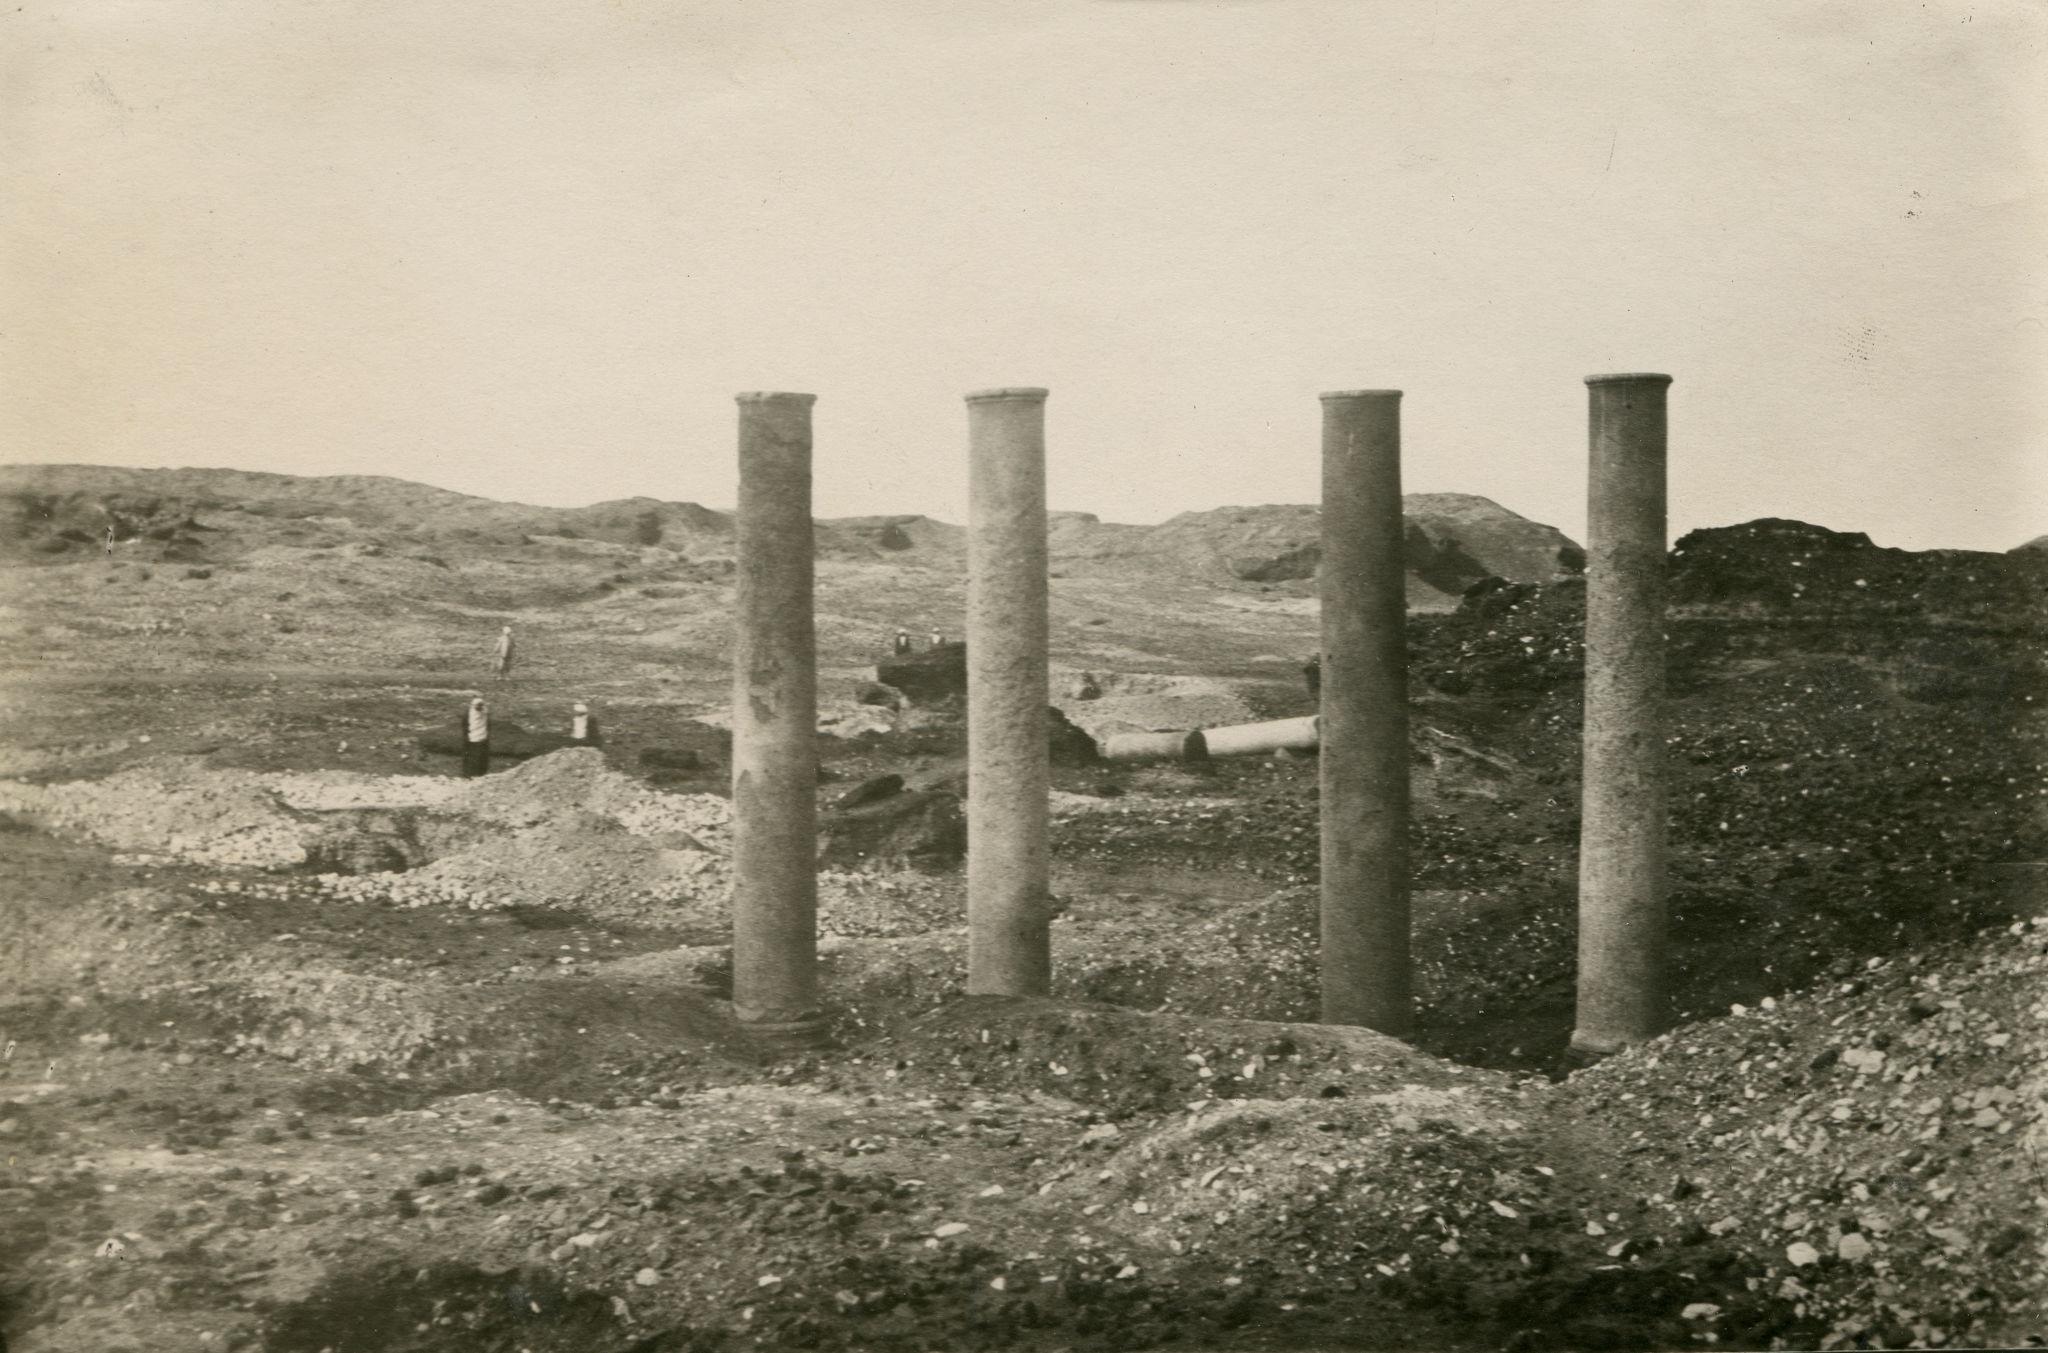 1920. Колонны в древнем городе Гермополис Мегале